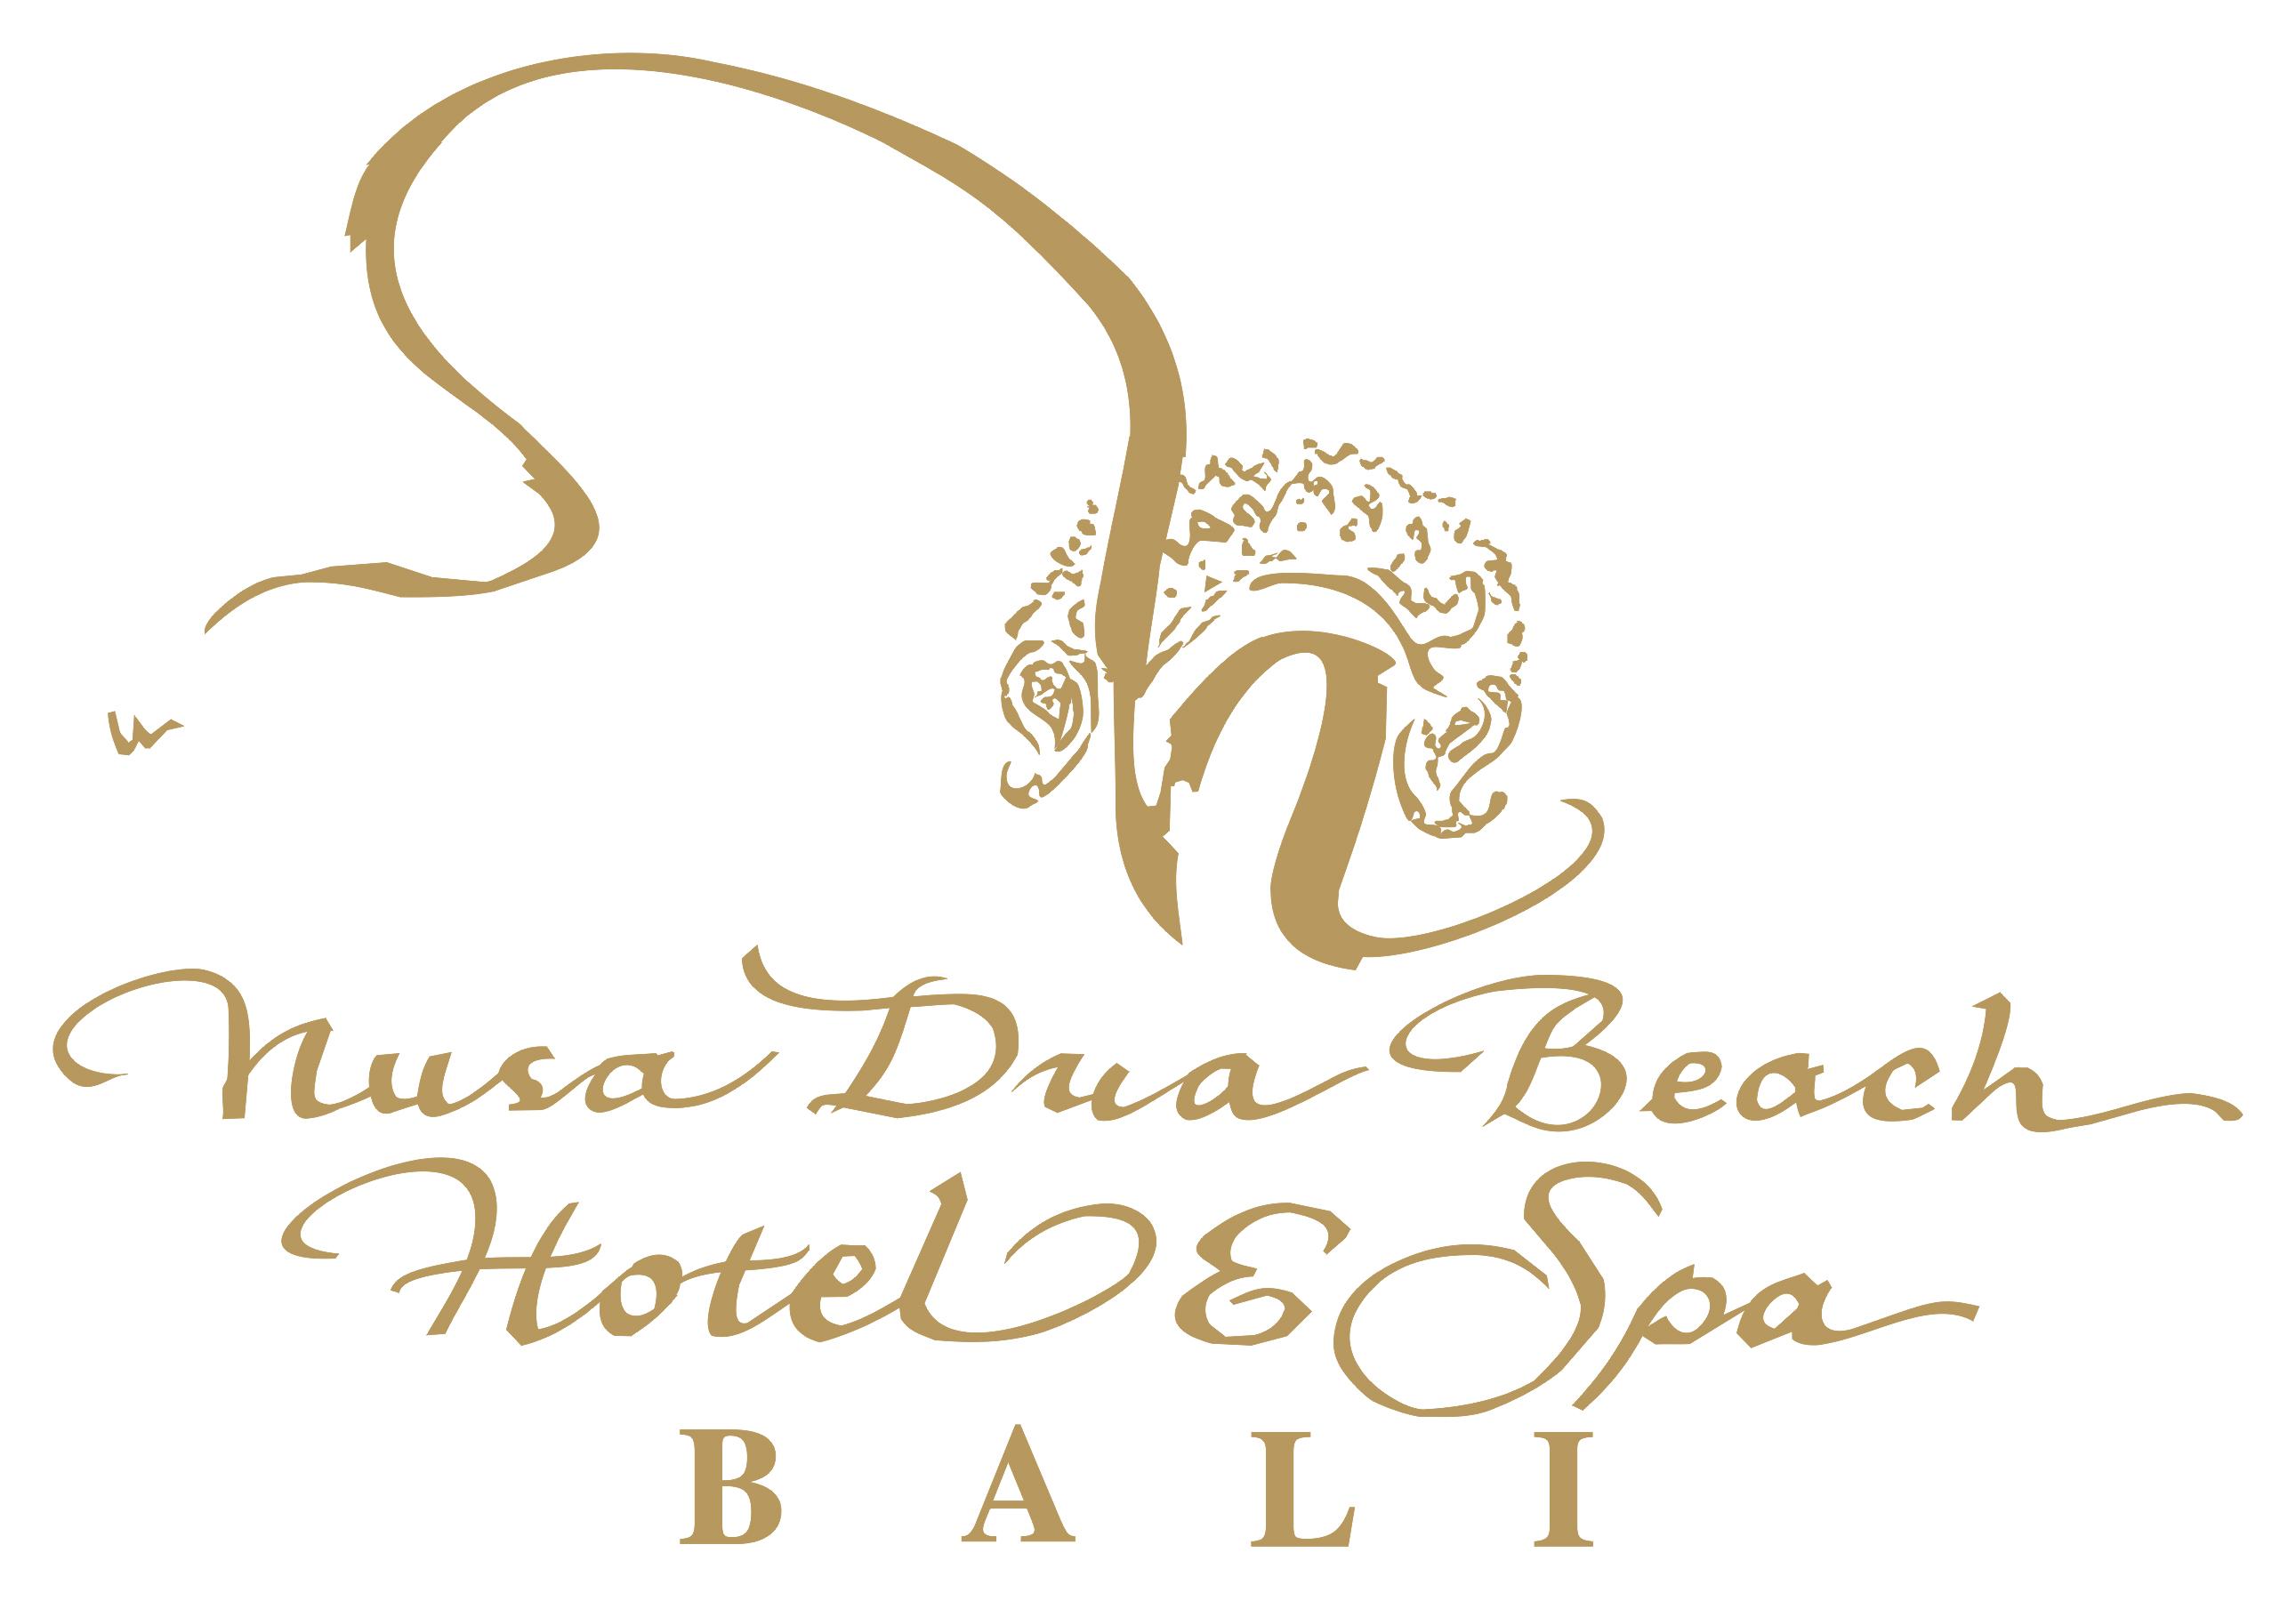 ヌサドゥア ビーチ ホテル & スパのロゴマーク